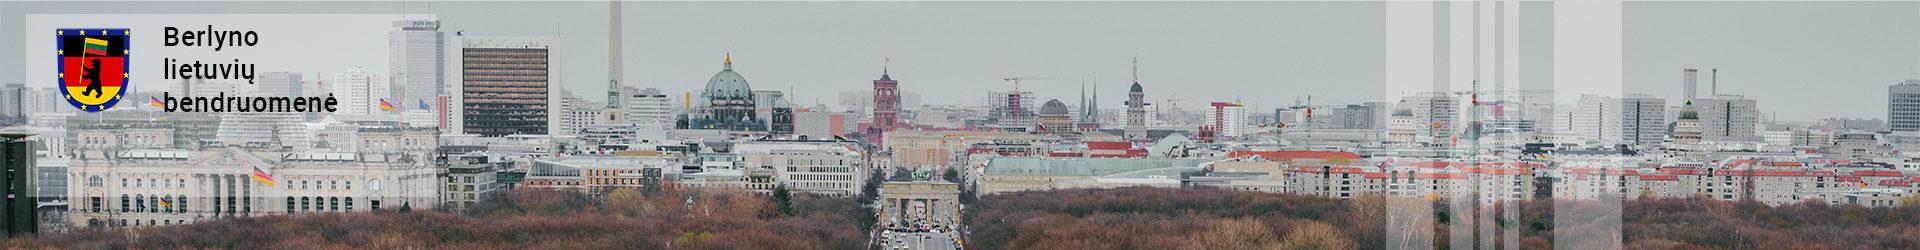 Berlyno lietuvių bendruomenė